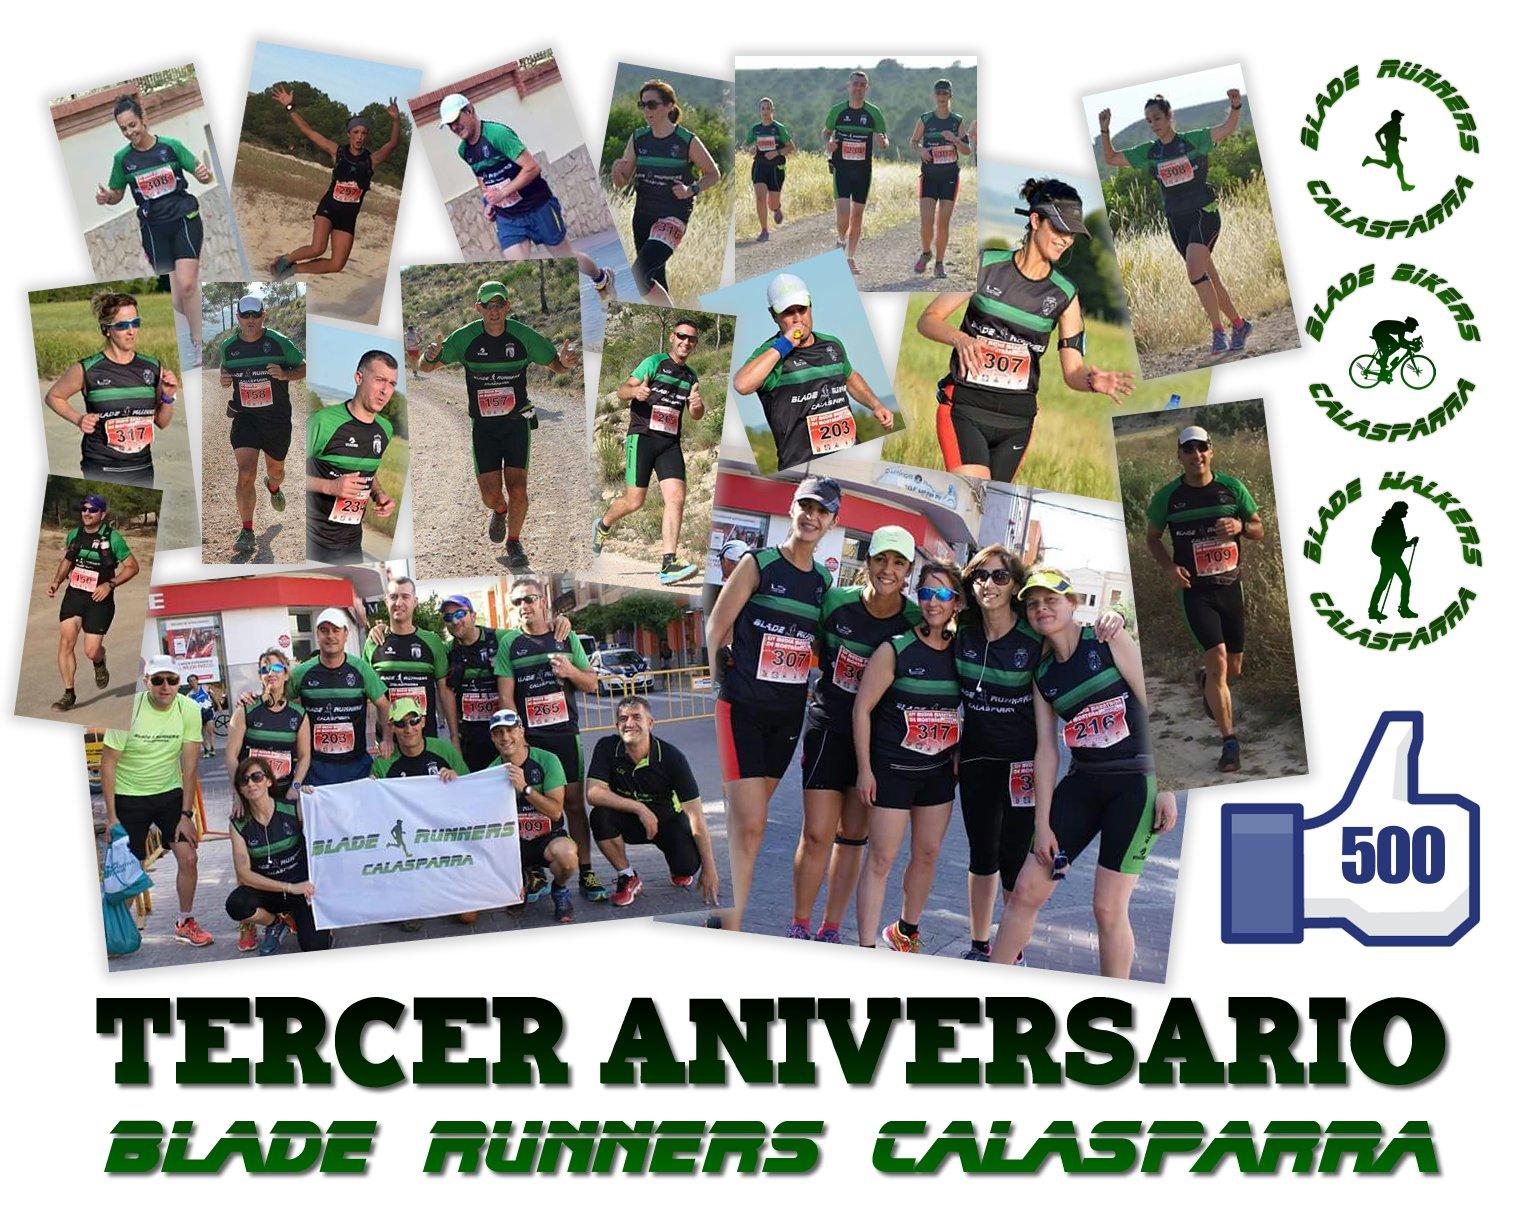 TERCER ANIVERSARIO BLADE RUNNERS CALASPARRA – Media Maratón De Béjar